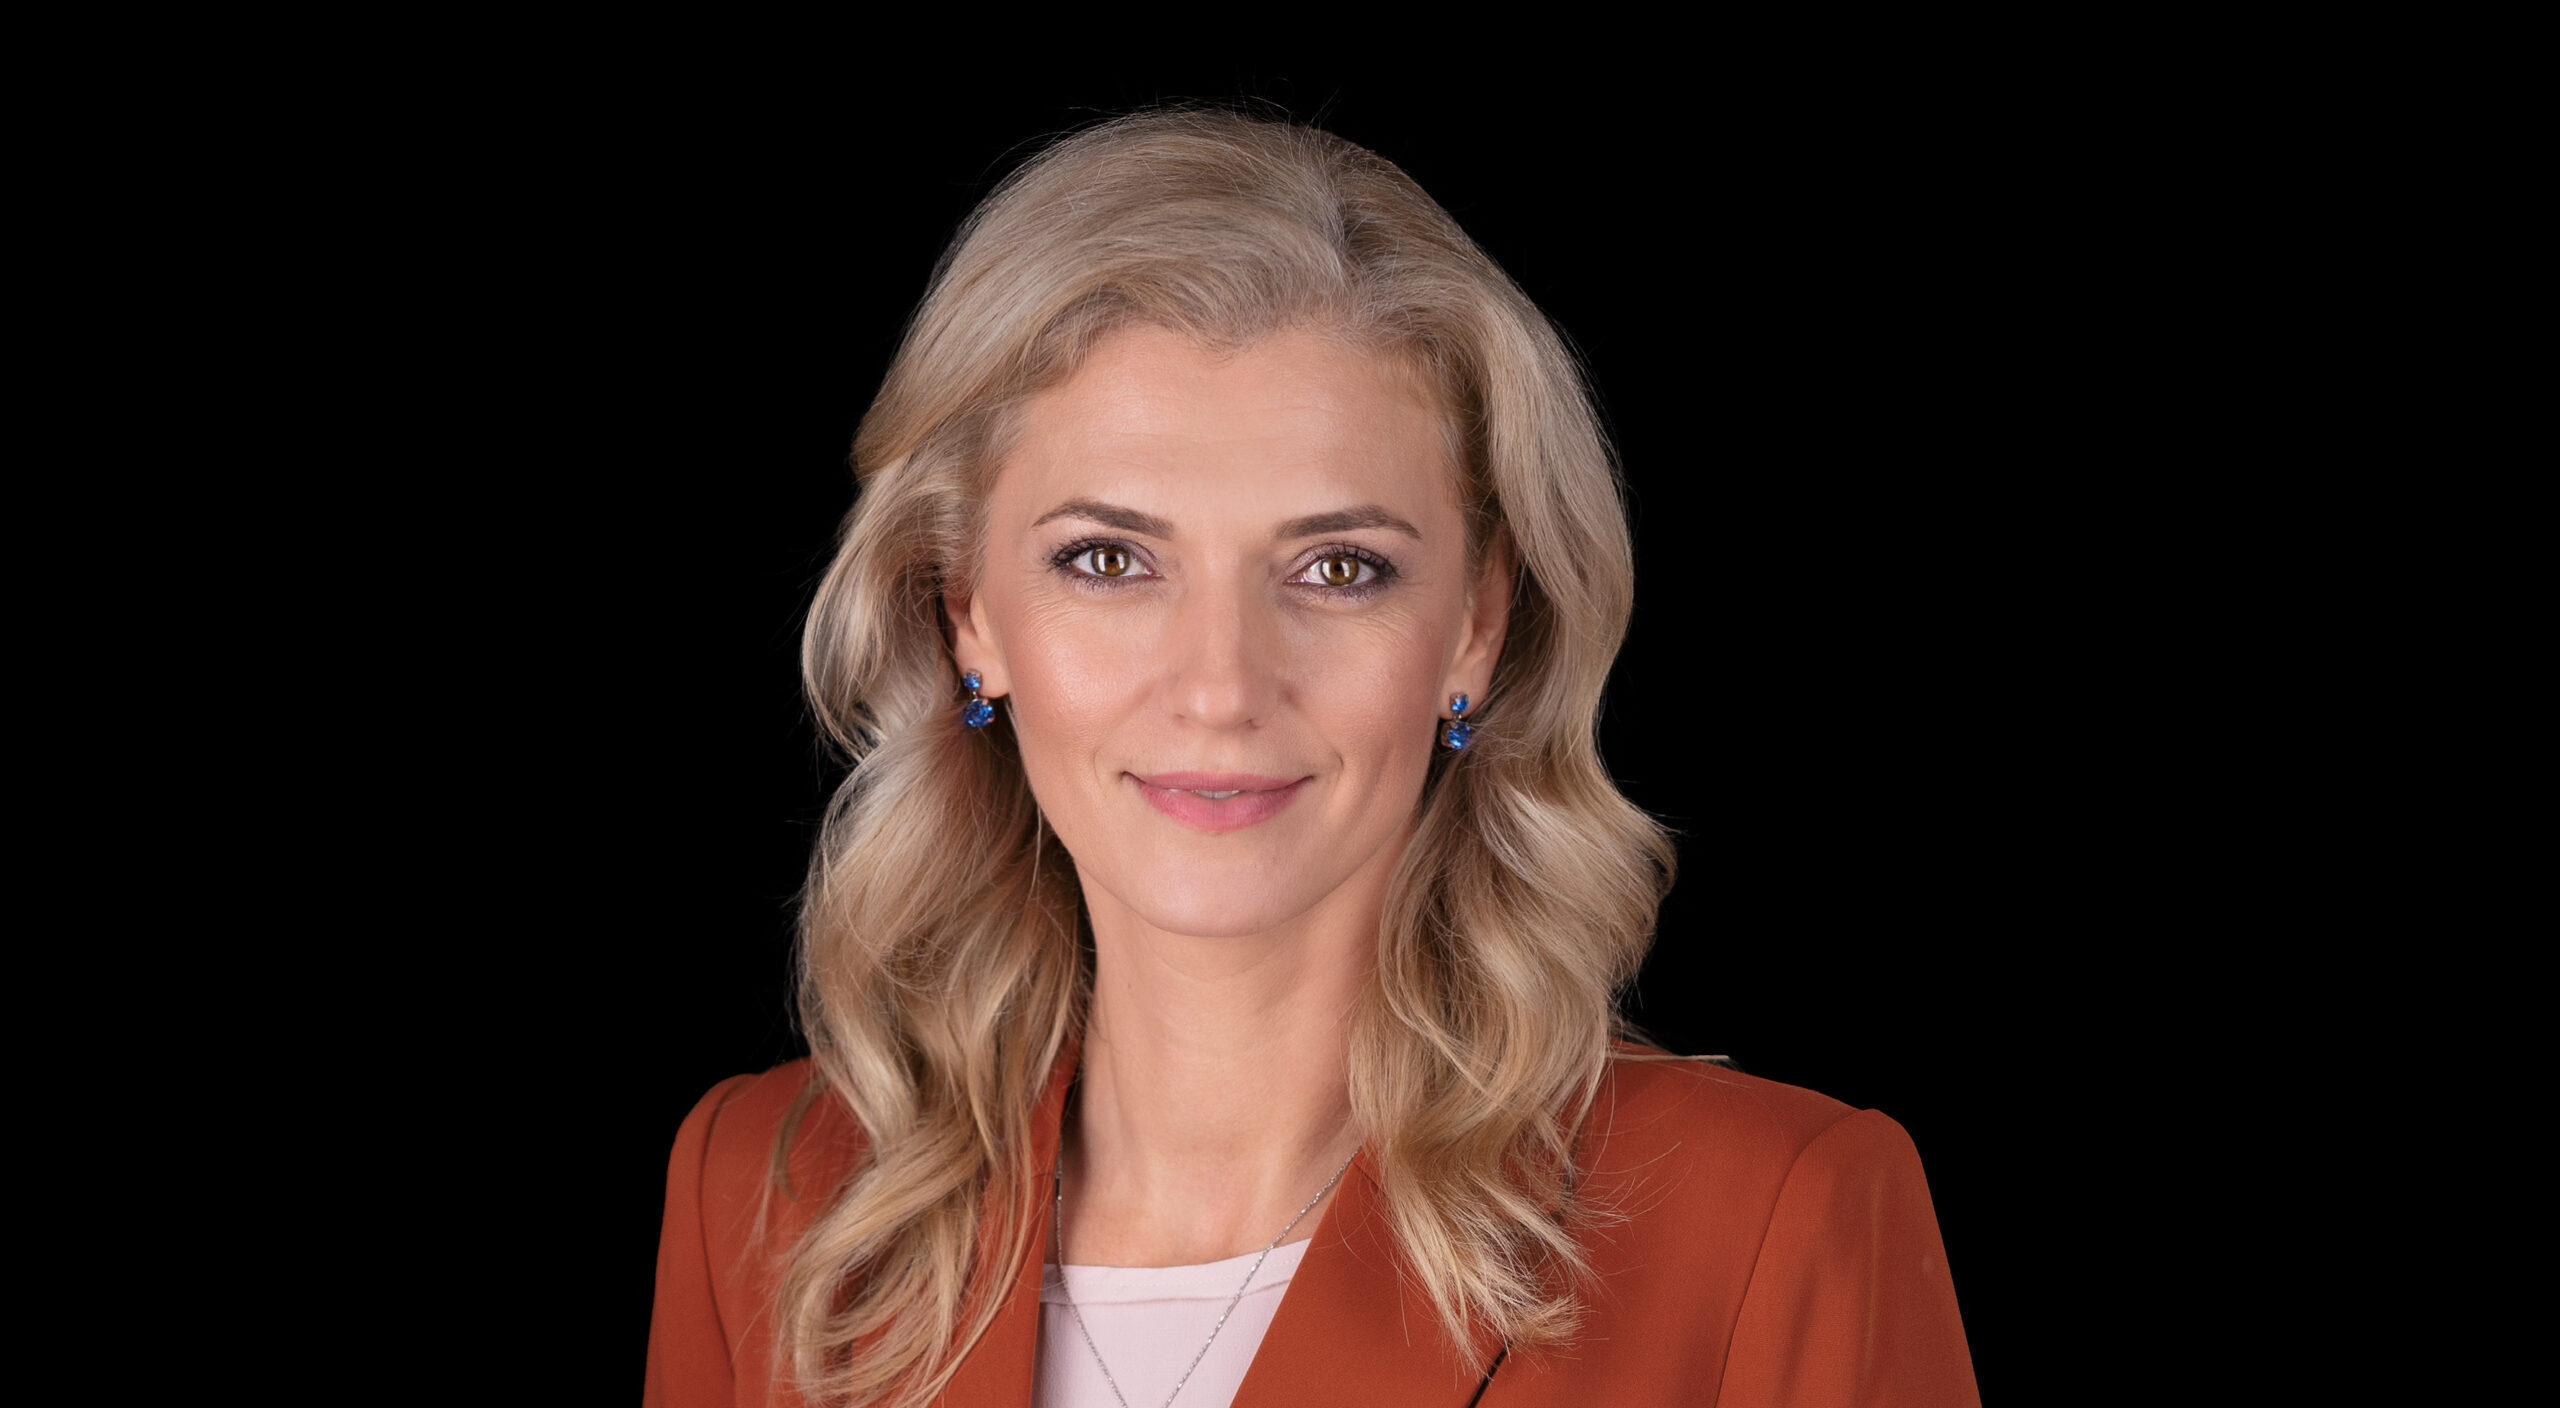 Cotă minimă de gen de 30% la alegerile locale. Alina Gorghiu, solicitare expresă către Camera Deputaților